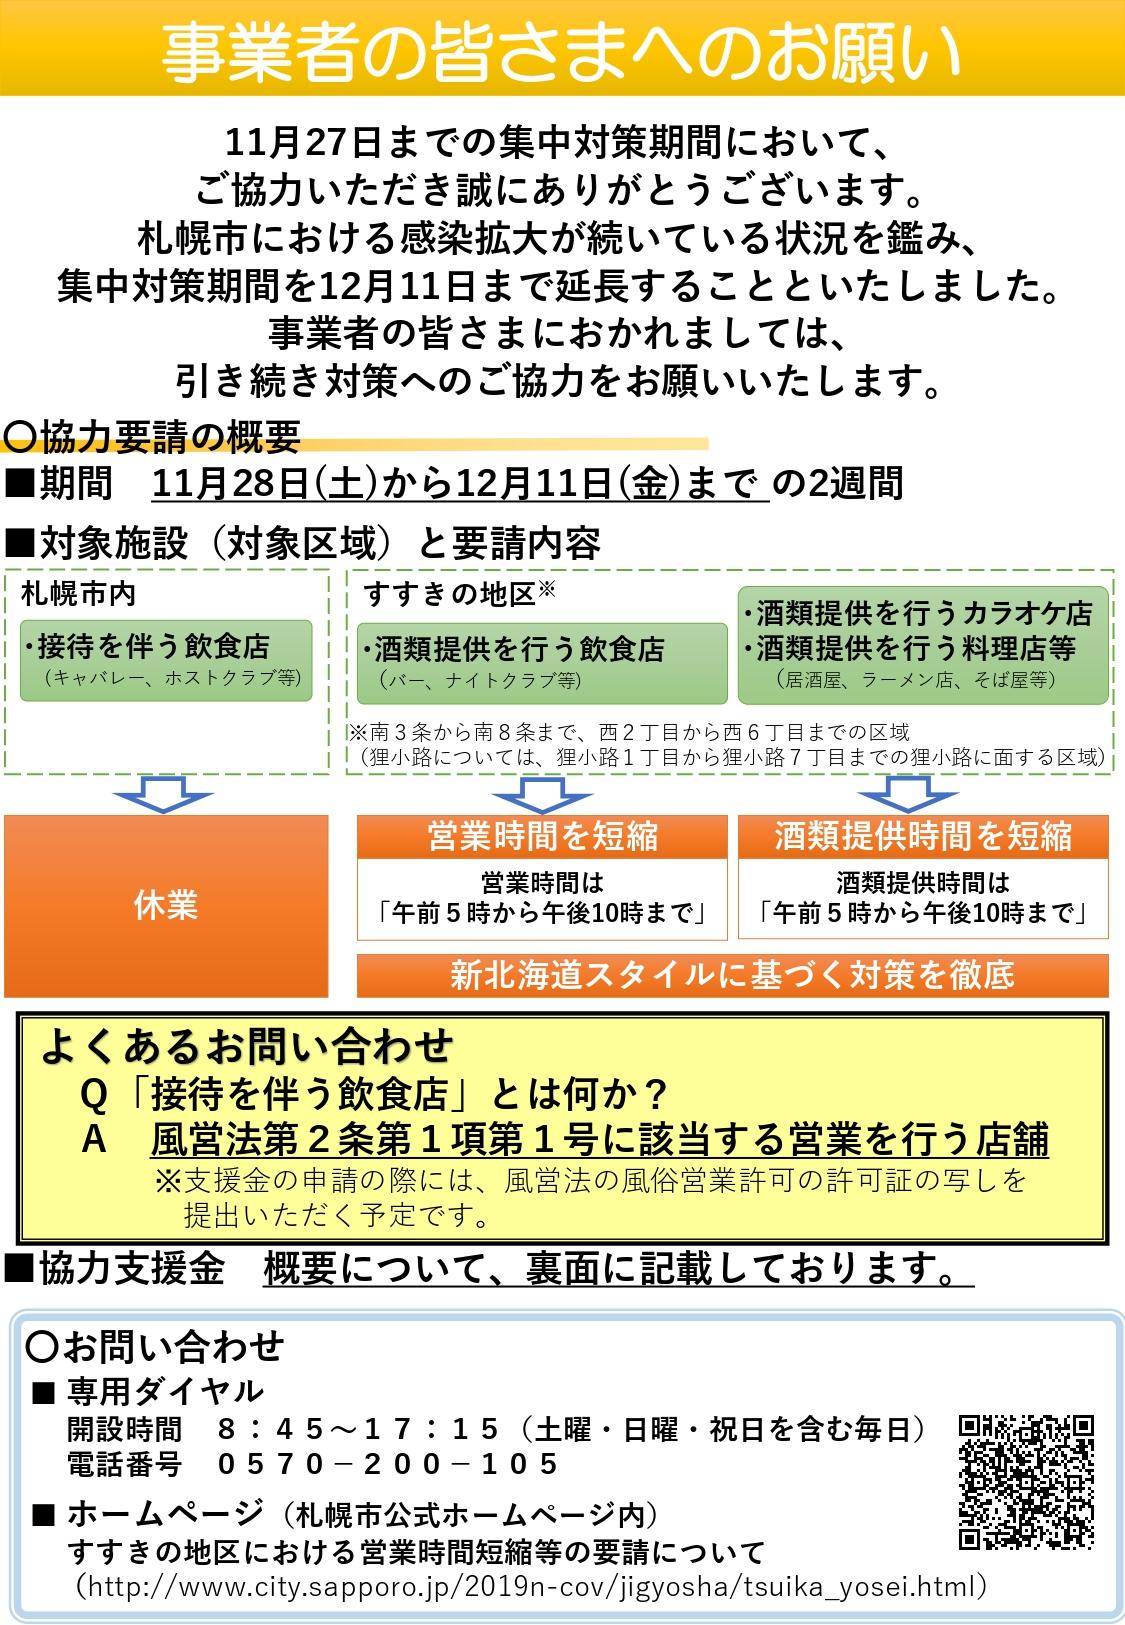 札幌 市 ウイルス コロナ